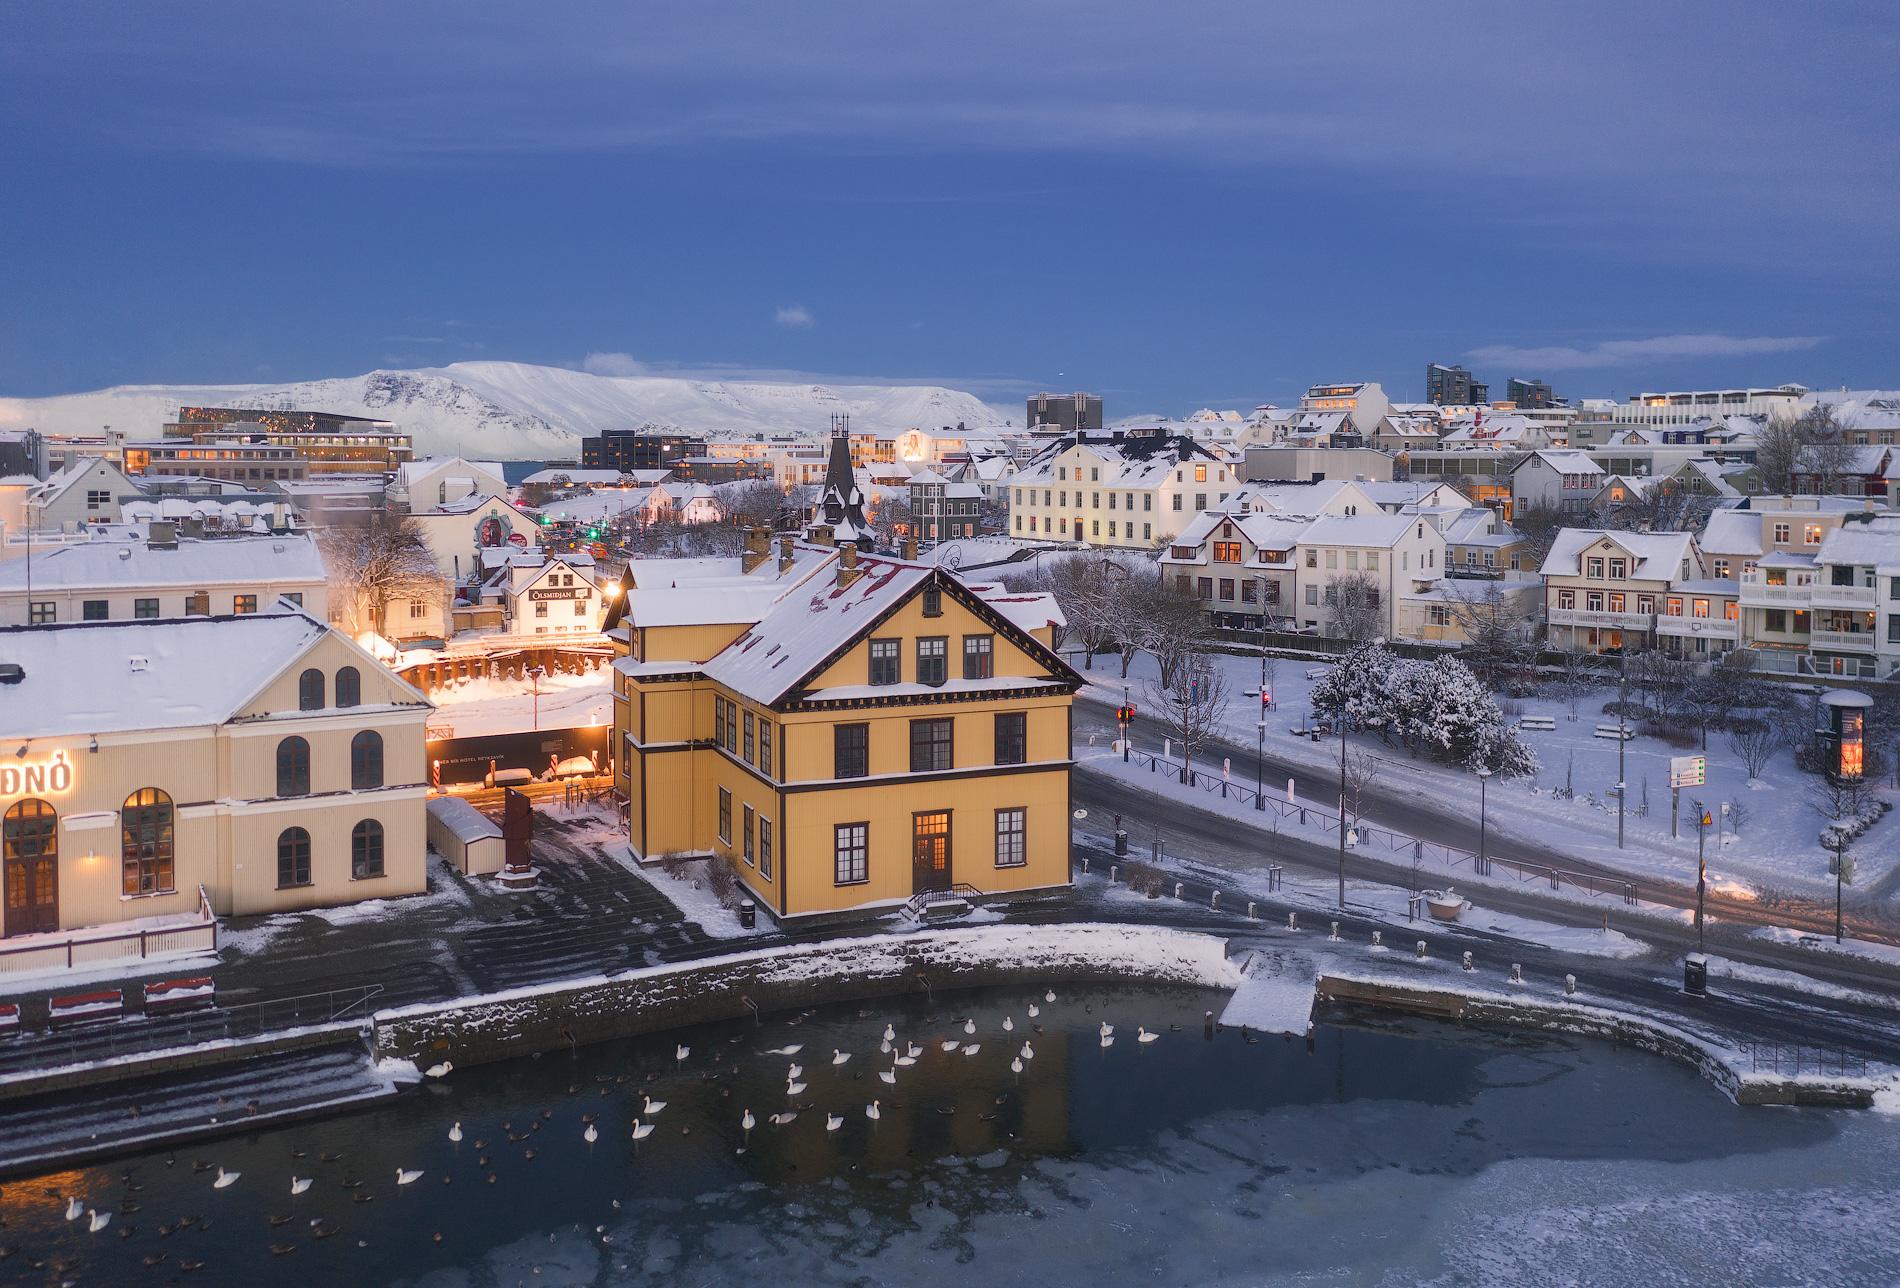 En el invierno, el estanque Tjörninn se congela por completo y algunos lugareños prefieren patinar sobre él.